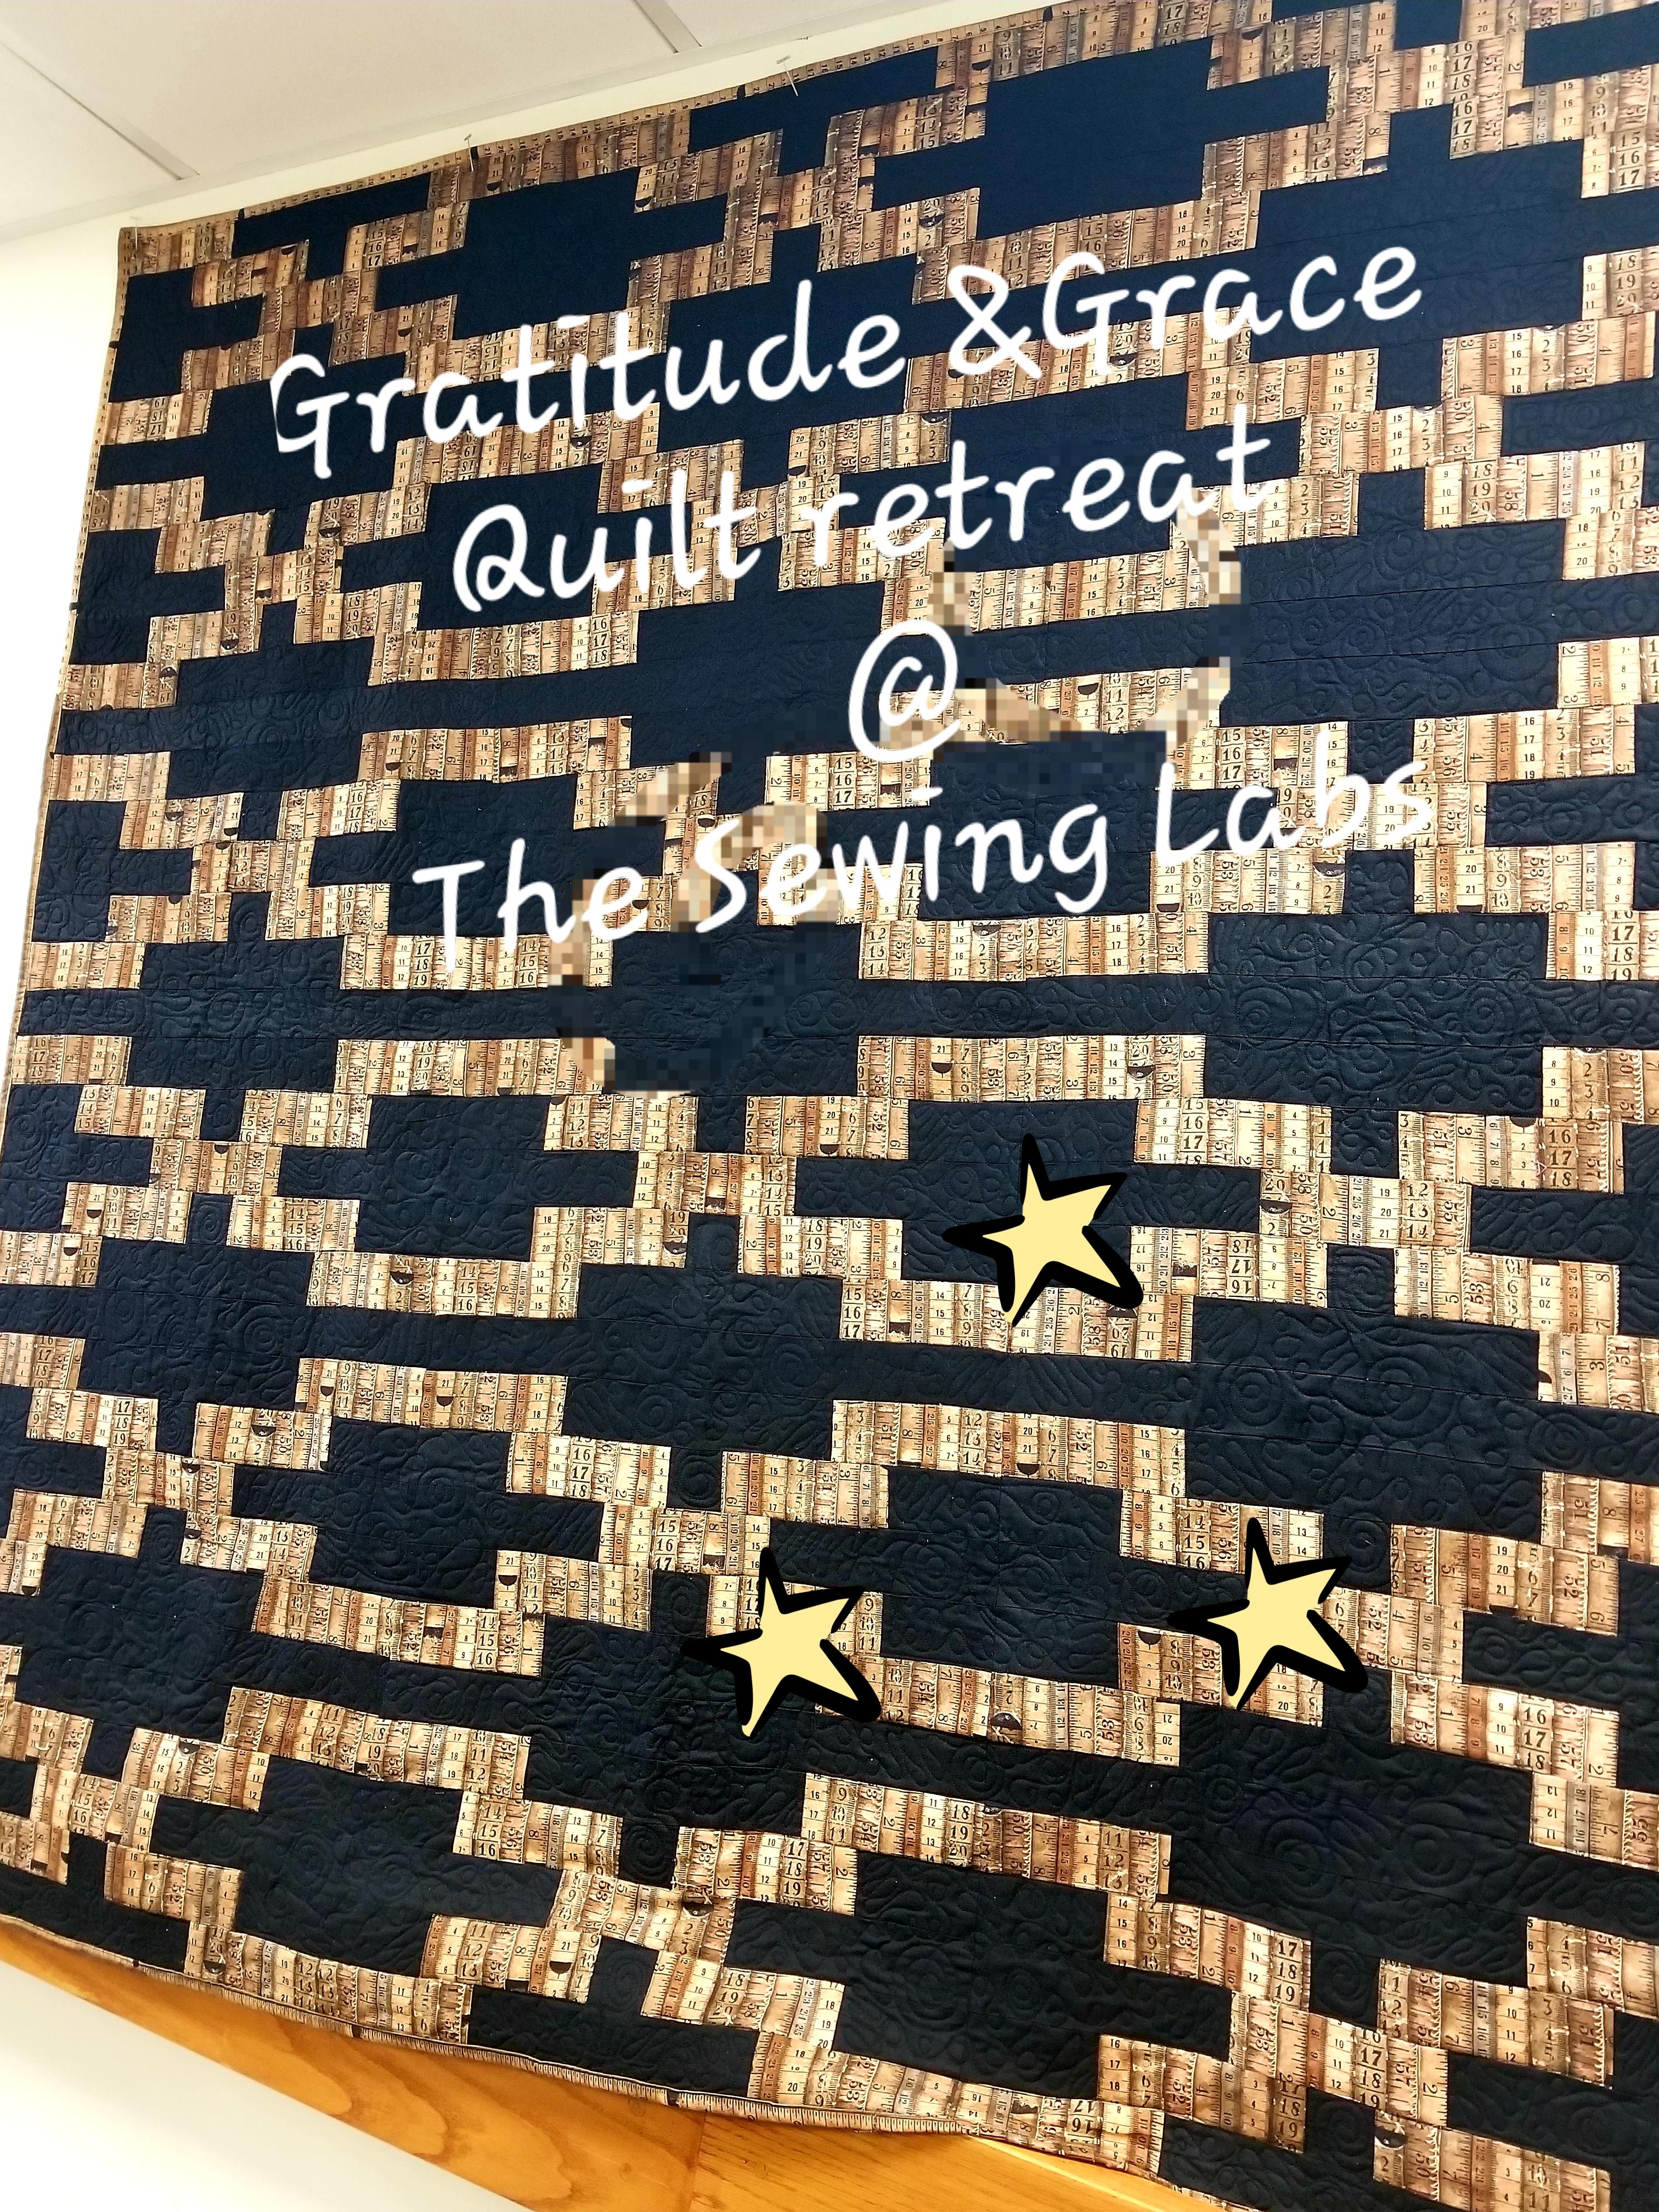 Gratitude & Grace Quilting Retreat